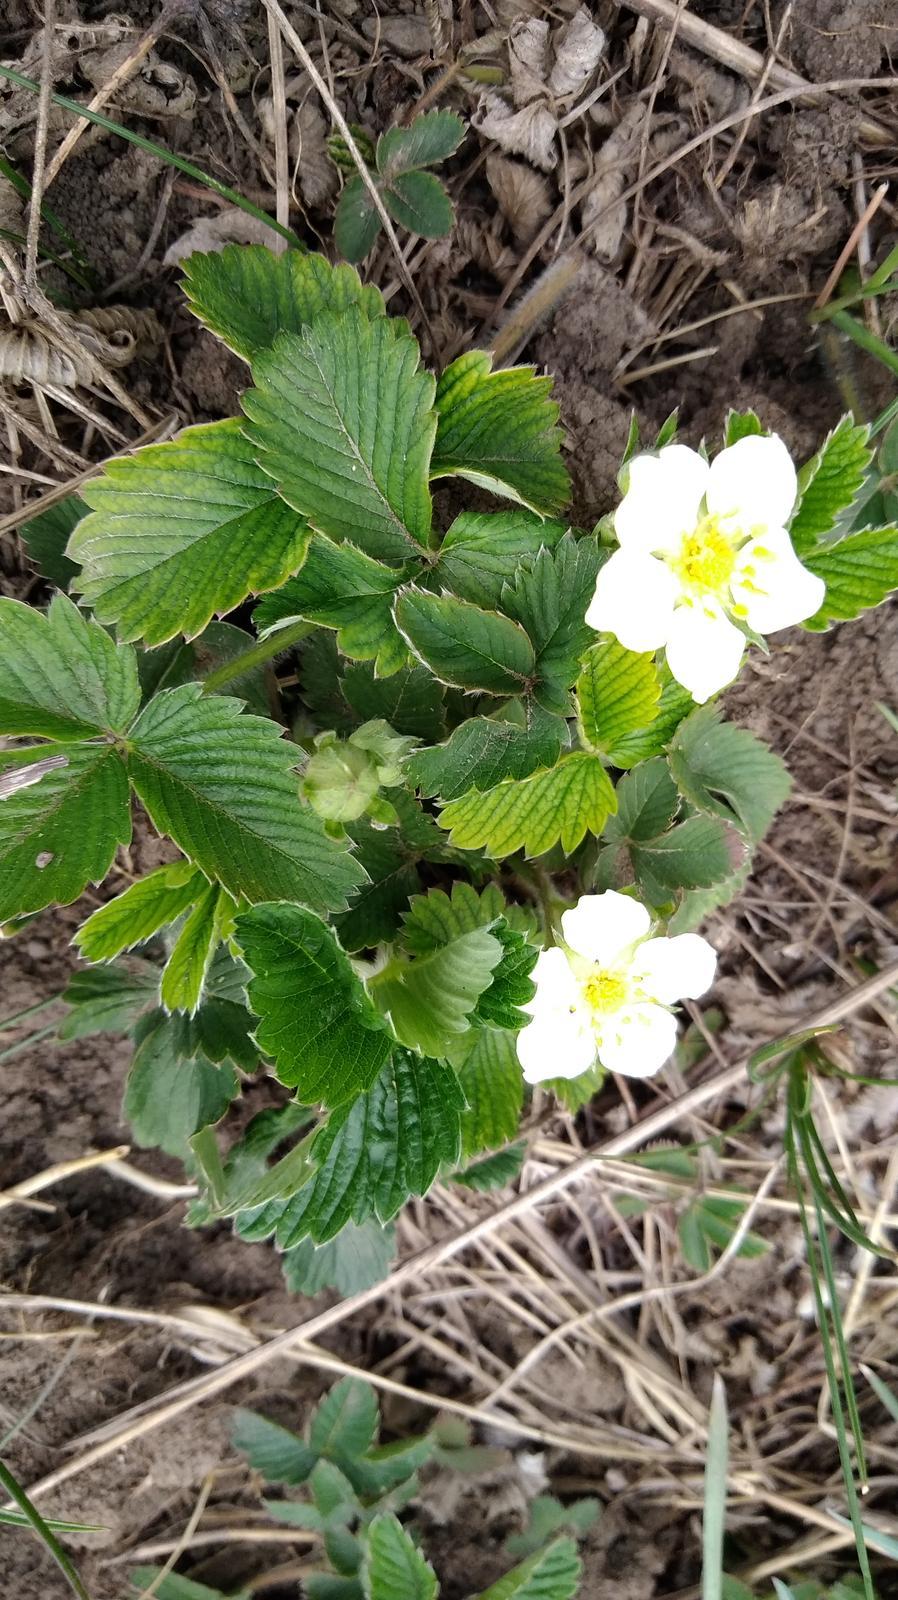 jahoda mesačná (odroda lesnej jahody) - Obrázok č. 1